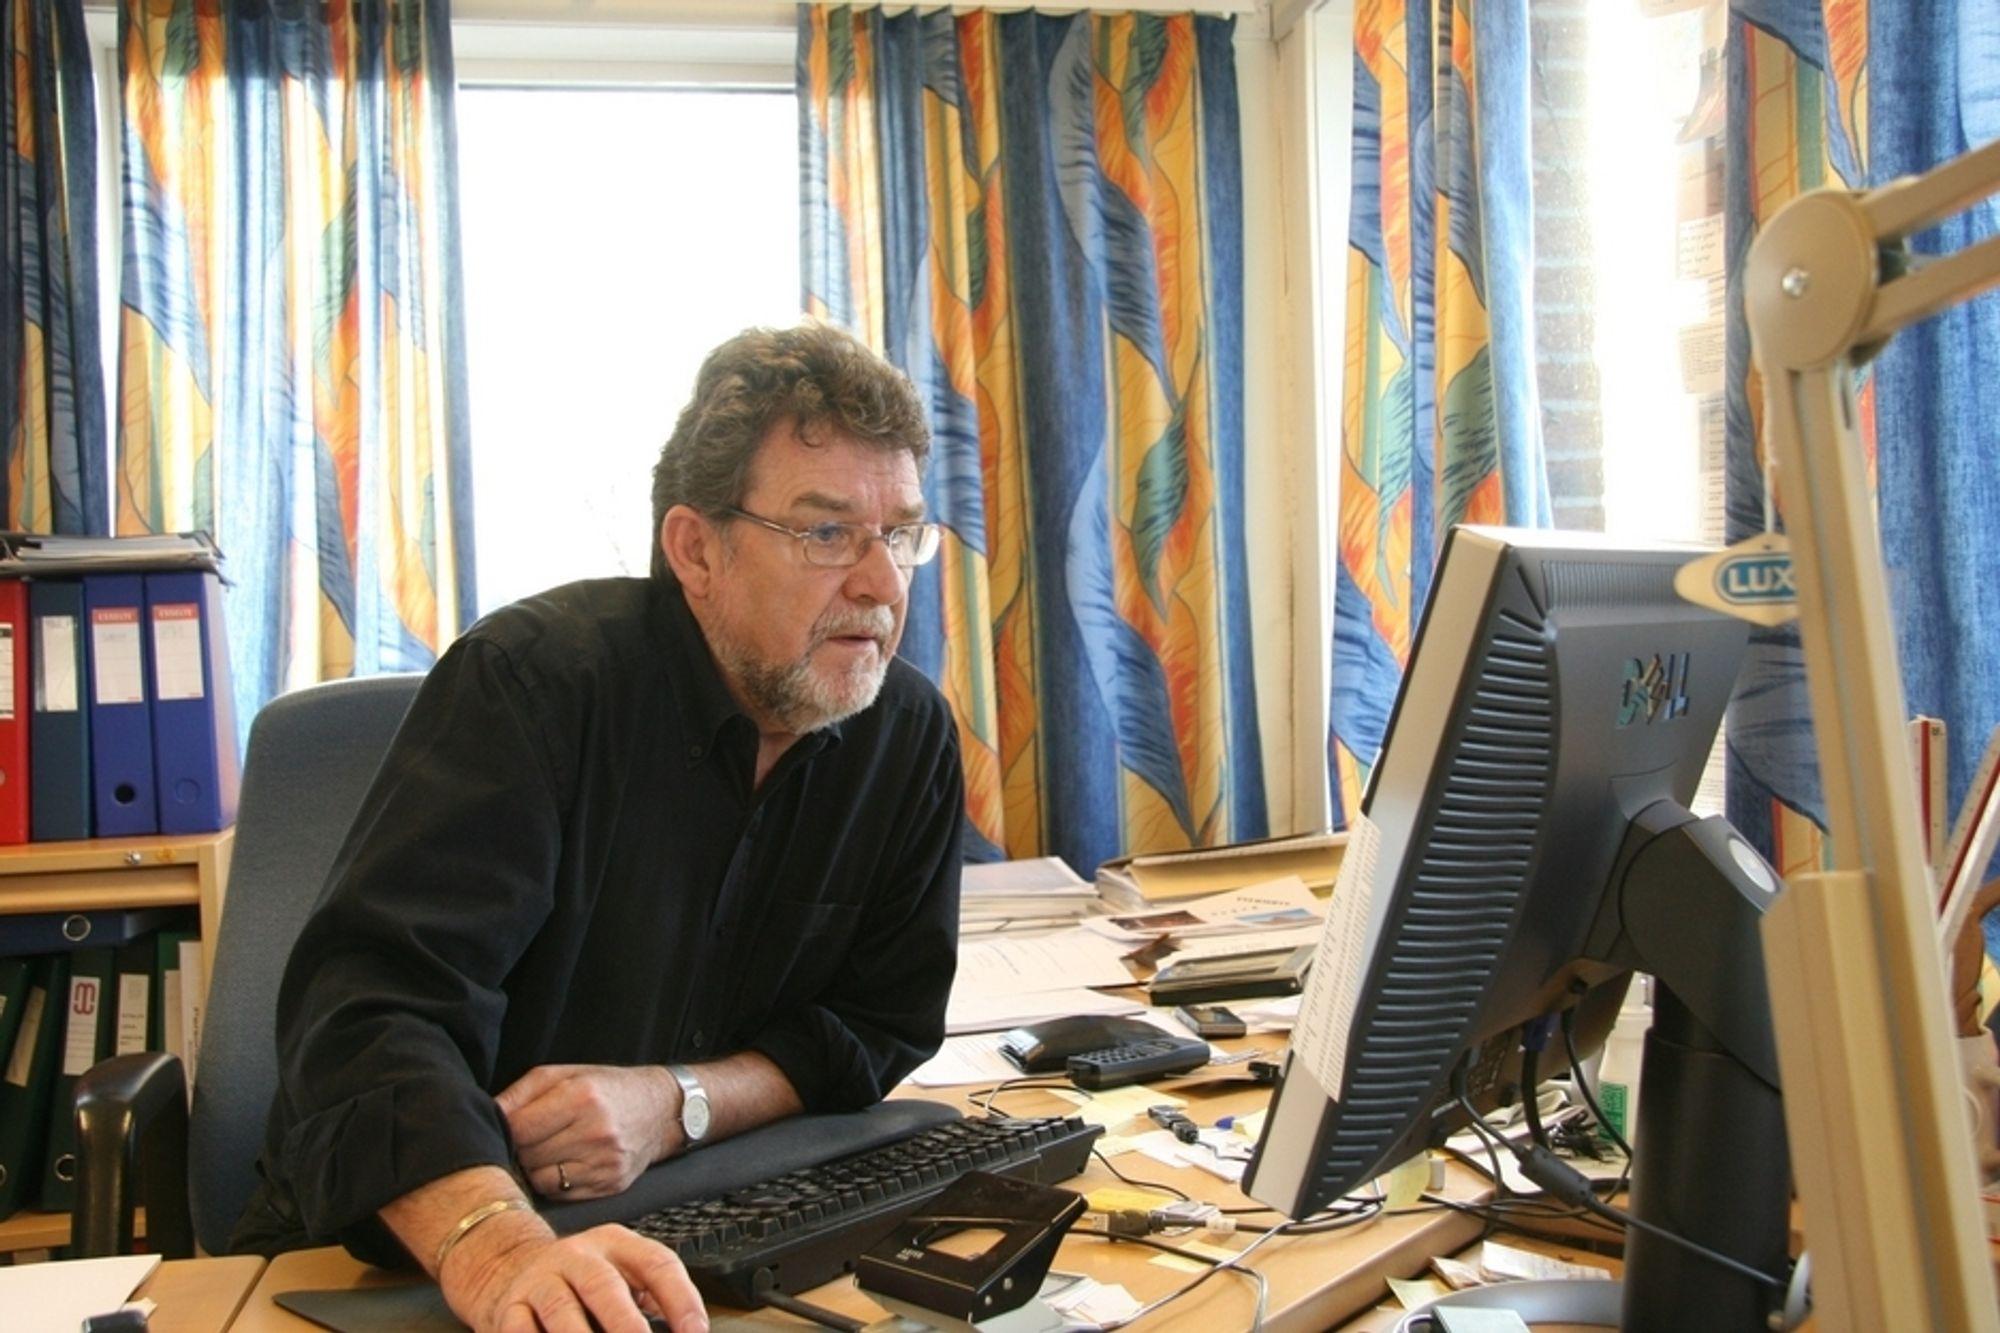 KONTAKT SØKES:  Professor Svein Bjørberg ønsker tettere kontakt mellom byggeindustrien og akademia.